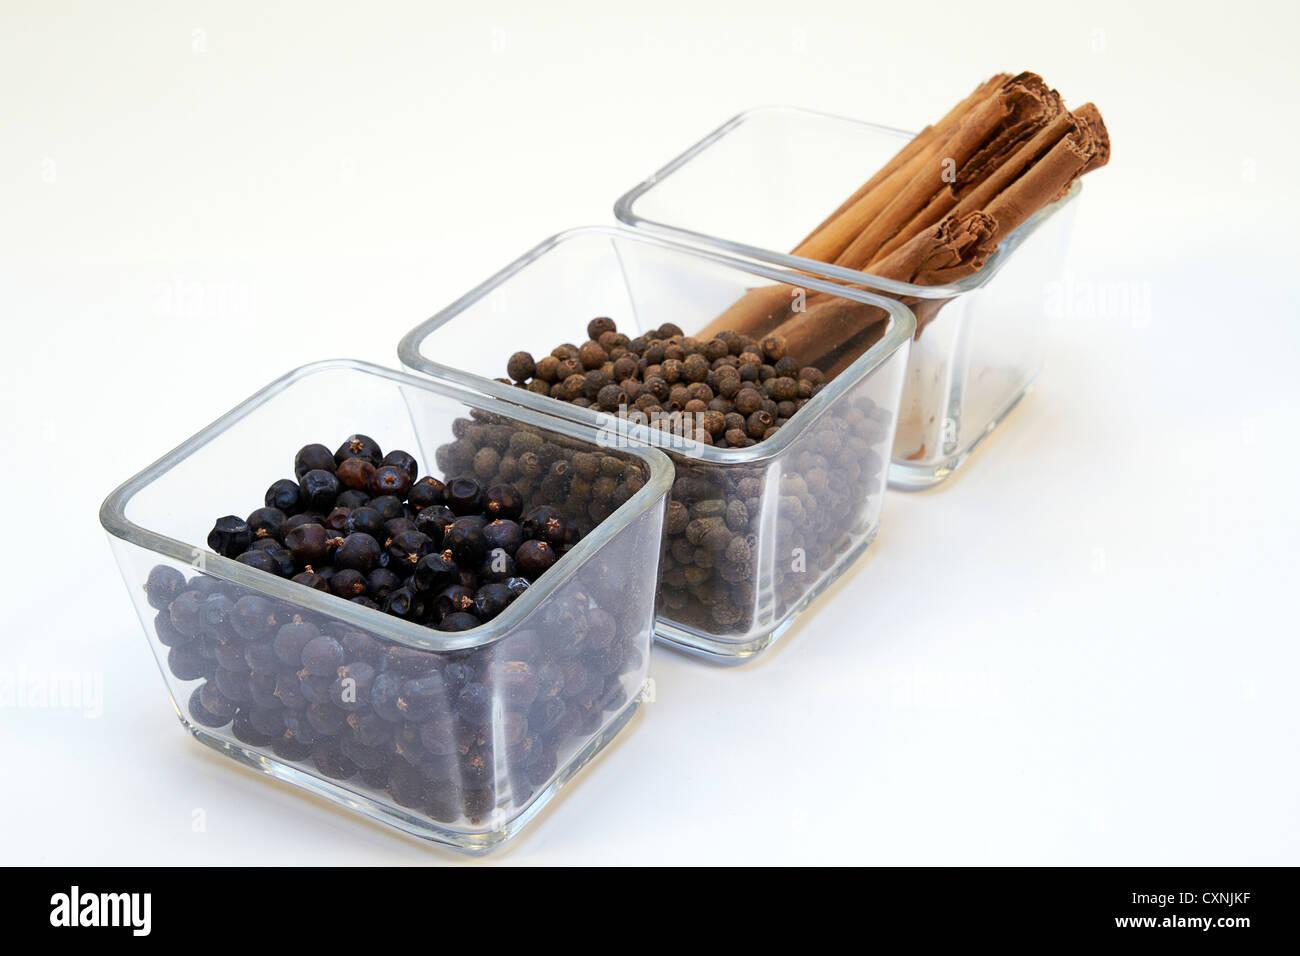 cinnamon, allspice grains / pimento and Juniper berries in a glass bowl Stock Photo